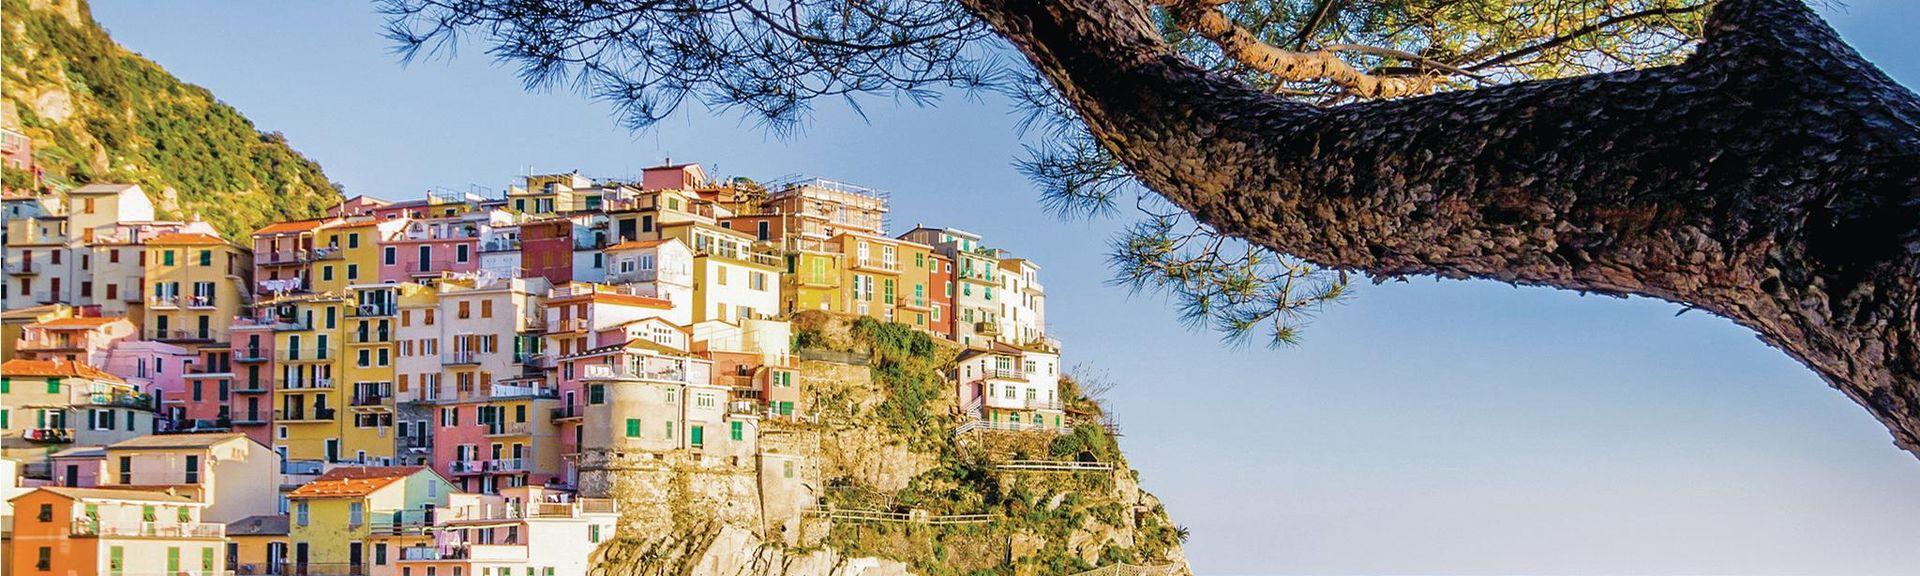 Codivilla, Ligúria, Itália